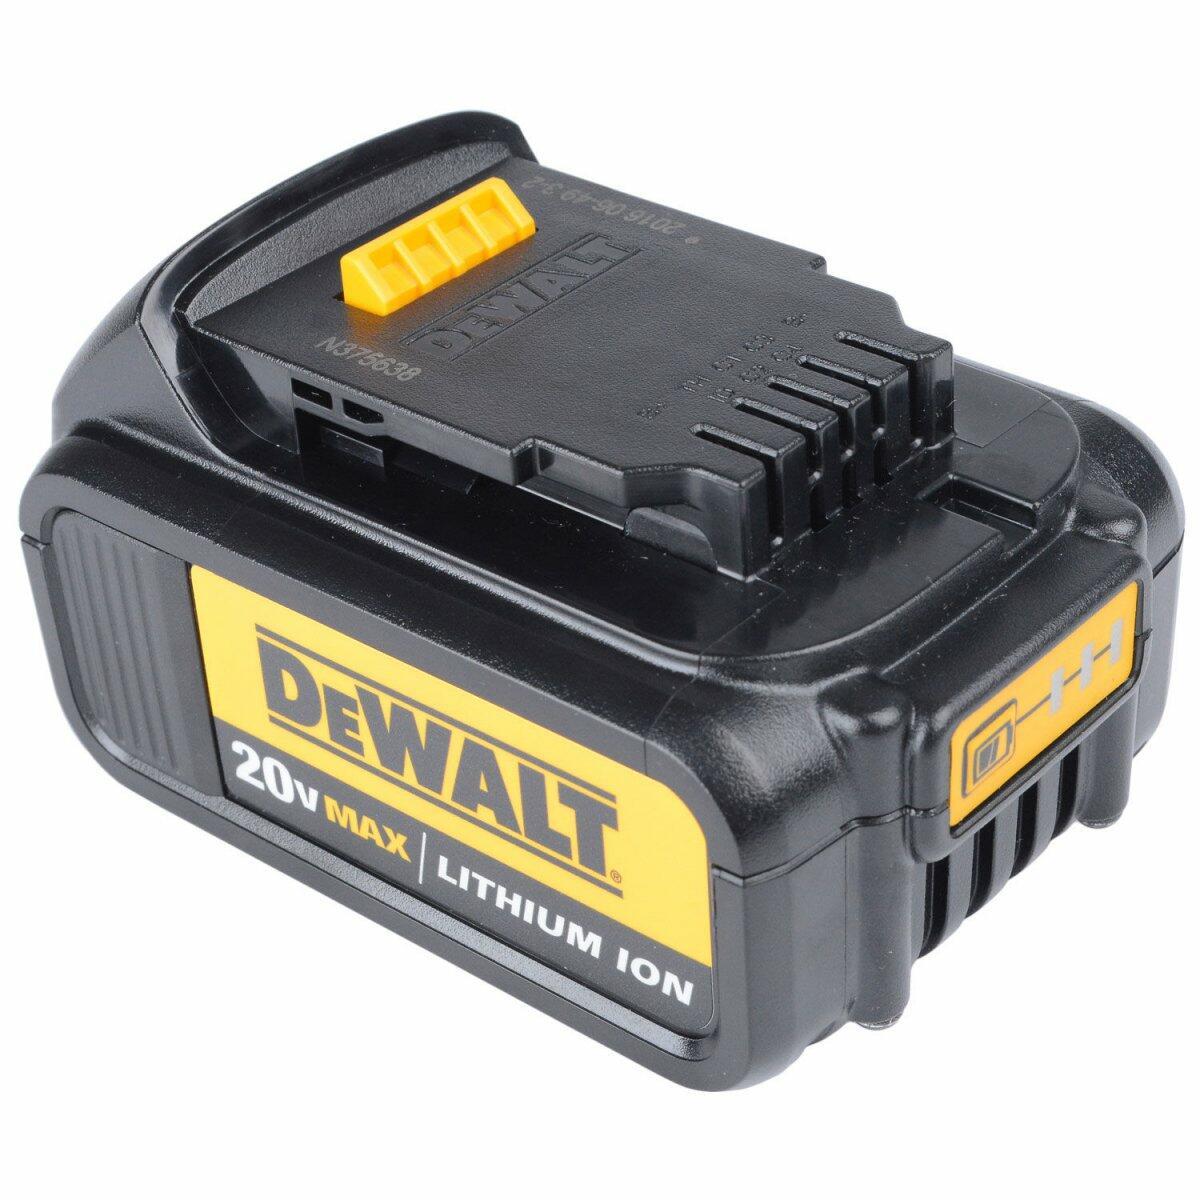 """Furadeira/parafusadeira de Impacto A Bateria 20V Enc 1/2"""" Dcd985L2 Dewalt - 127V + Jogo Ponta Bits para Parafusar 71-931E Black&decker - 31 Pçs"""